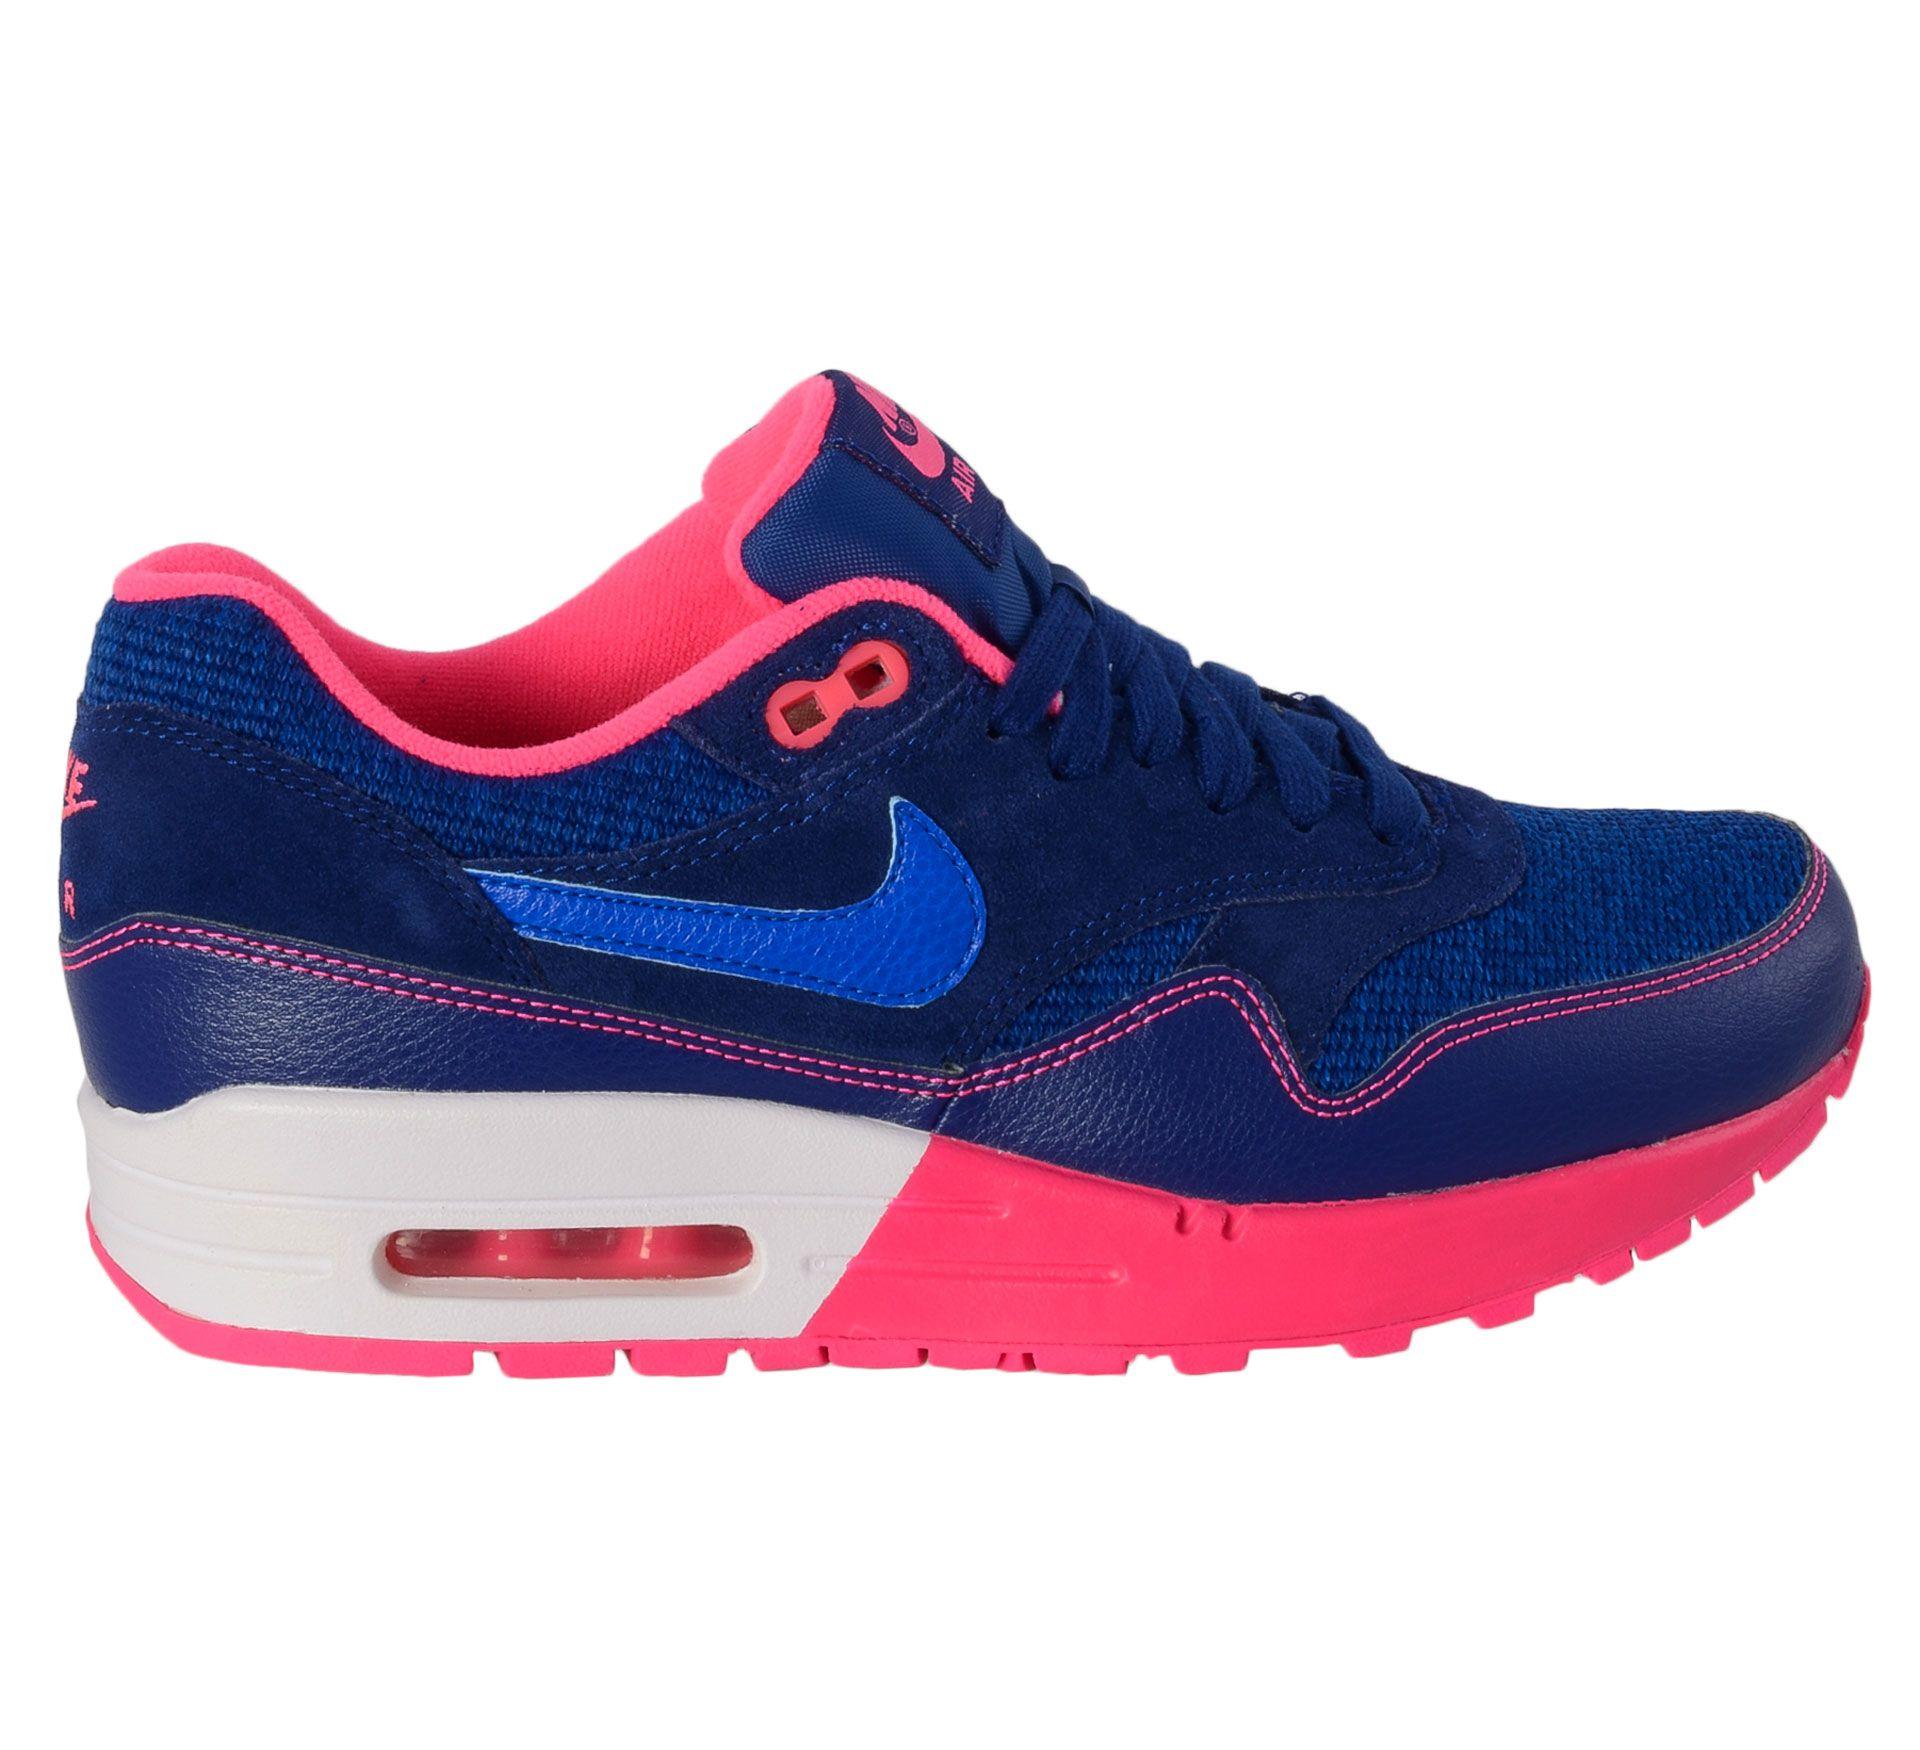 Stoere Nike Air Max 1 Sneakers Dames (blauw – roze) Sneakers van het merk Nike voor Dames . Uitgevoerd in blauw - roze gemaakt van Rubber leer synthetisch materiaal mesh synthetisch materiaal rubber.